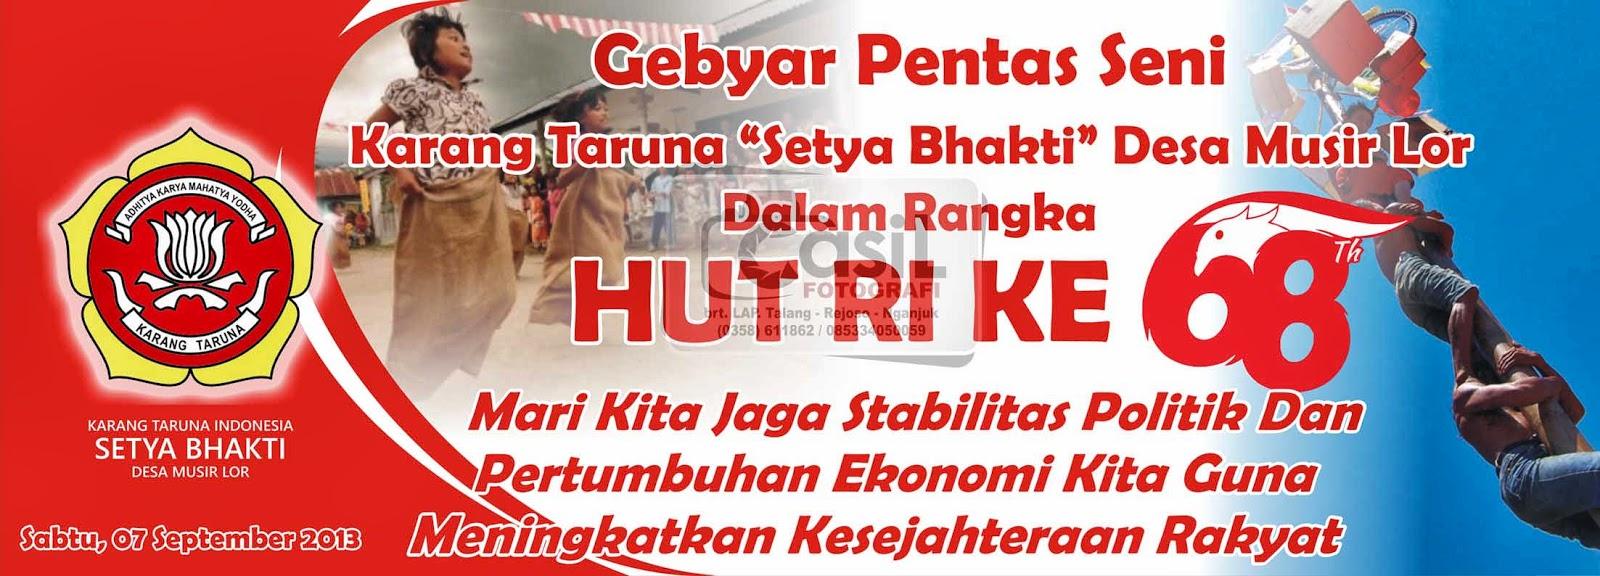 Image Result For Pulsa Murah Di Karang Jaya